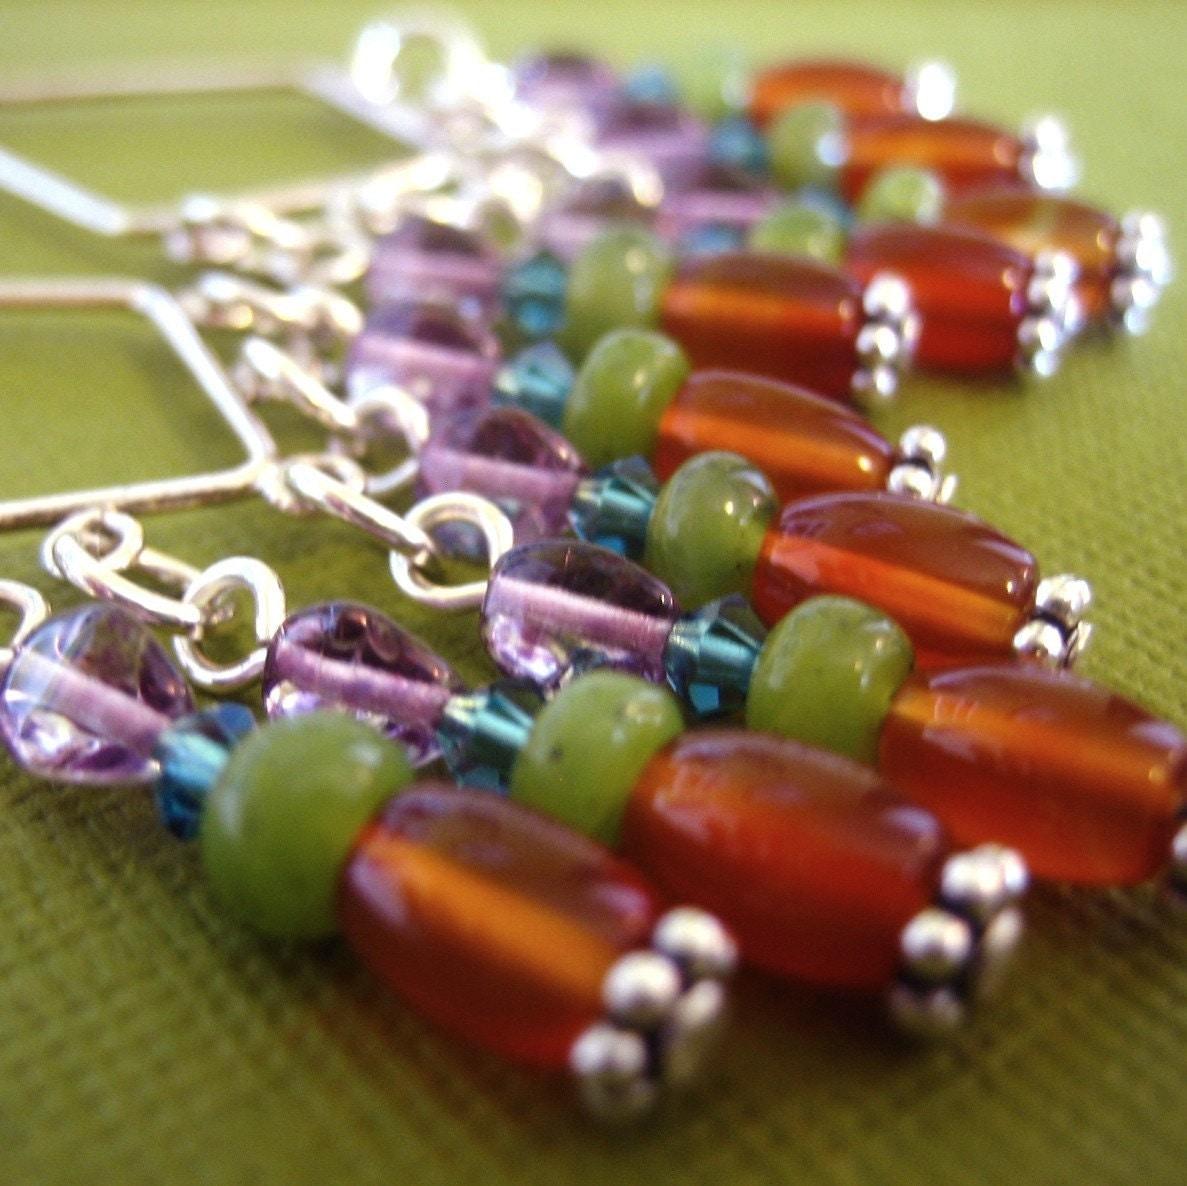 Fiesta Chandelier Earrings - Sterling Silver, Carnelian, Jade, Sapphire Swarovski, Purple Glass and Carnelian